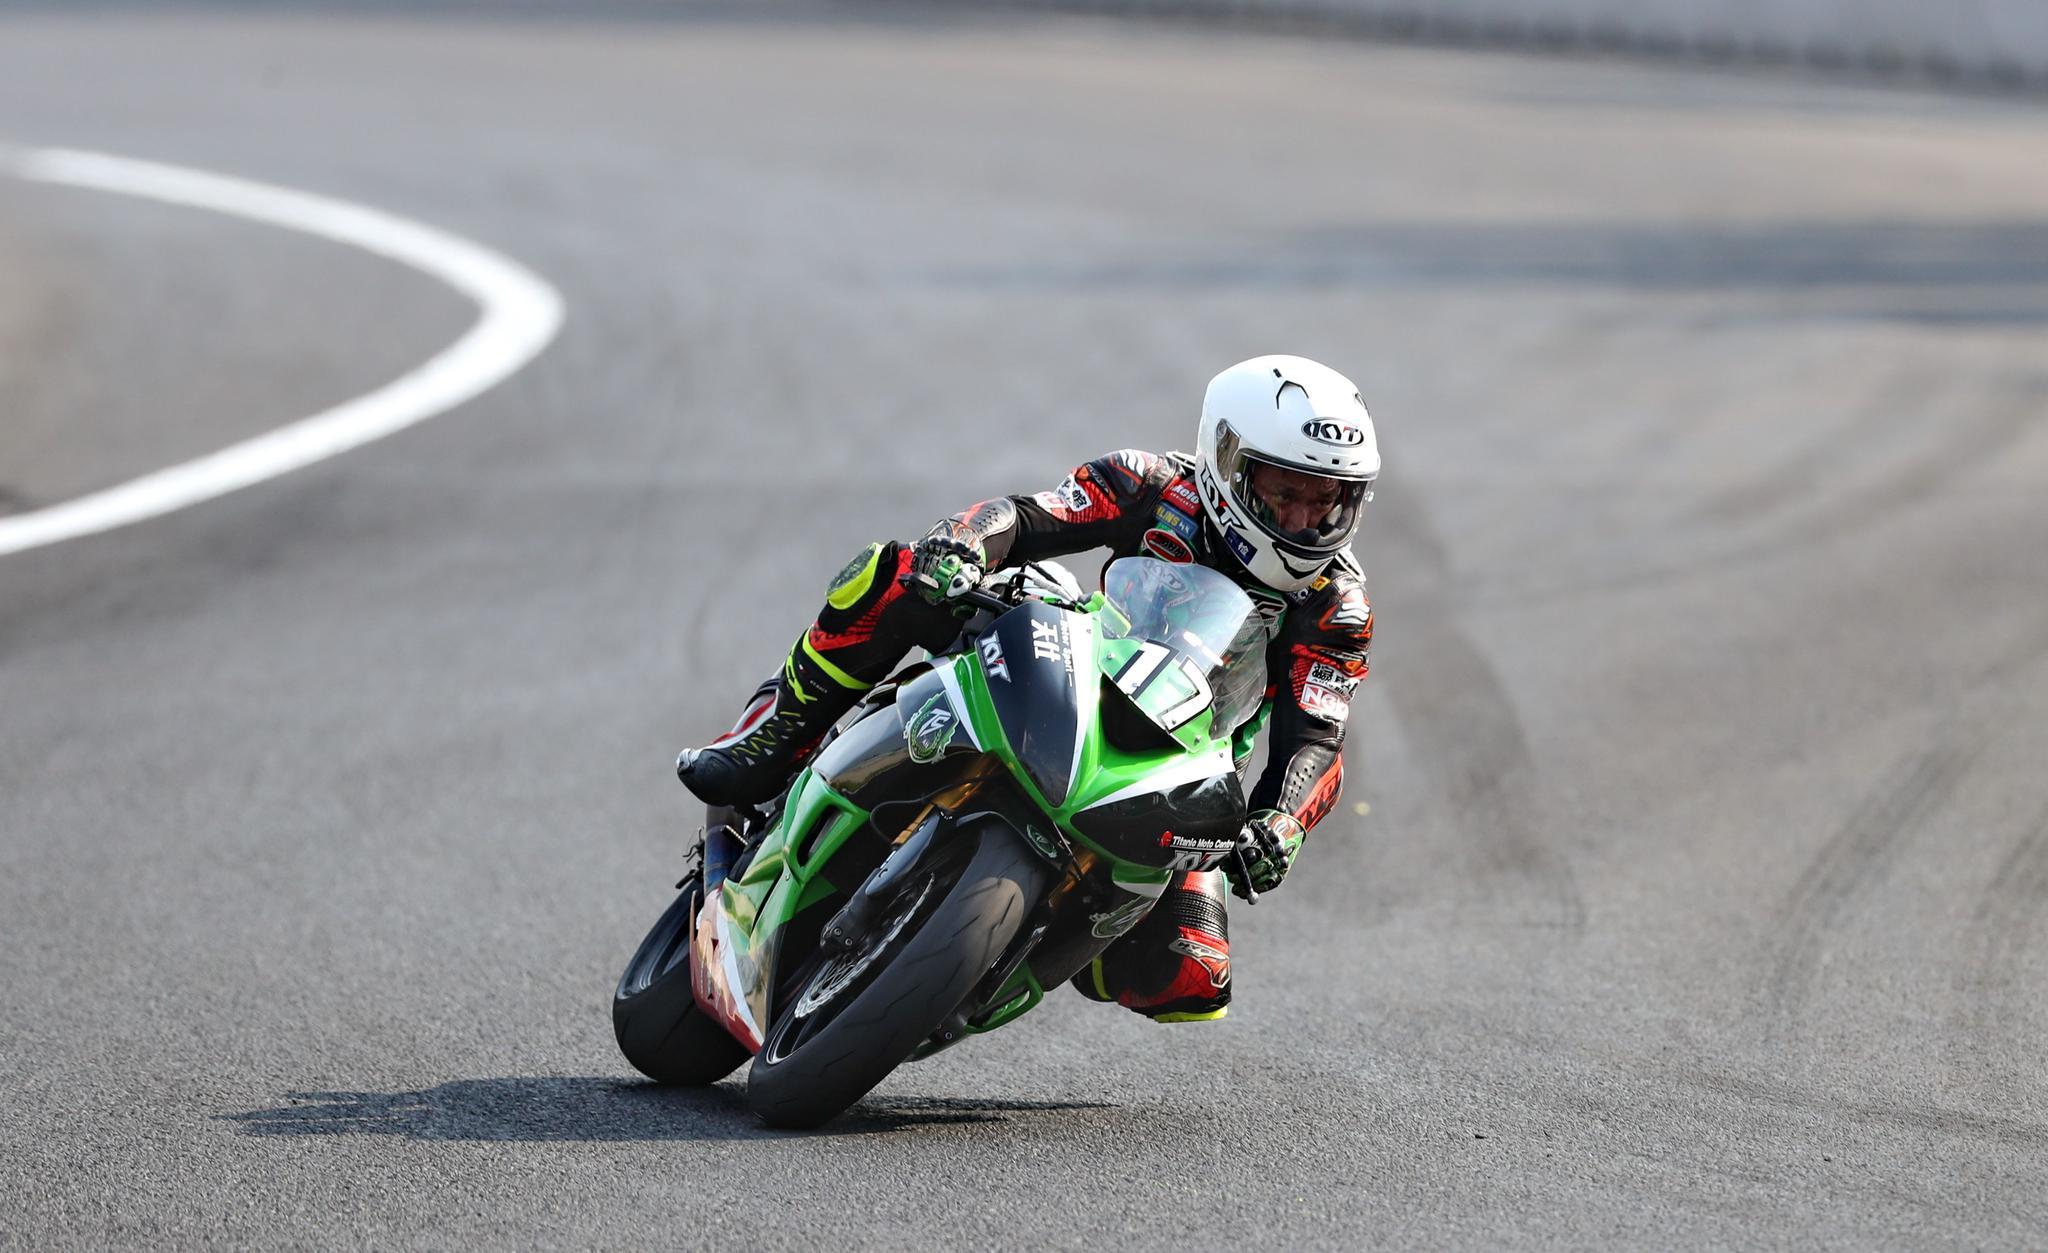 摩托车——CSBK中国超级摩托车锦标赛600cc赛况